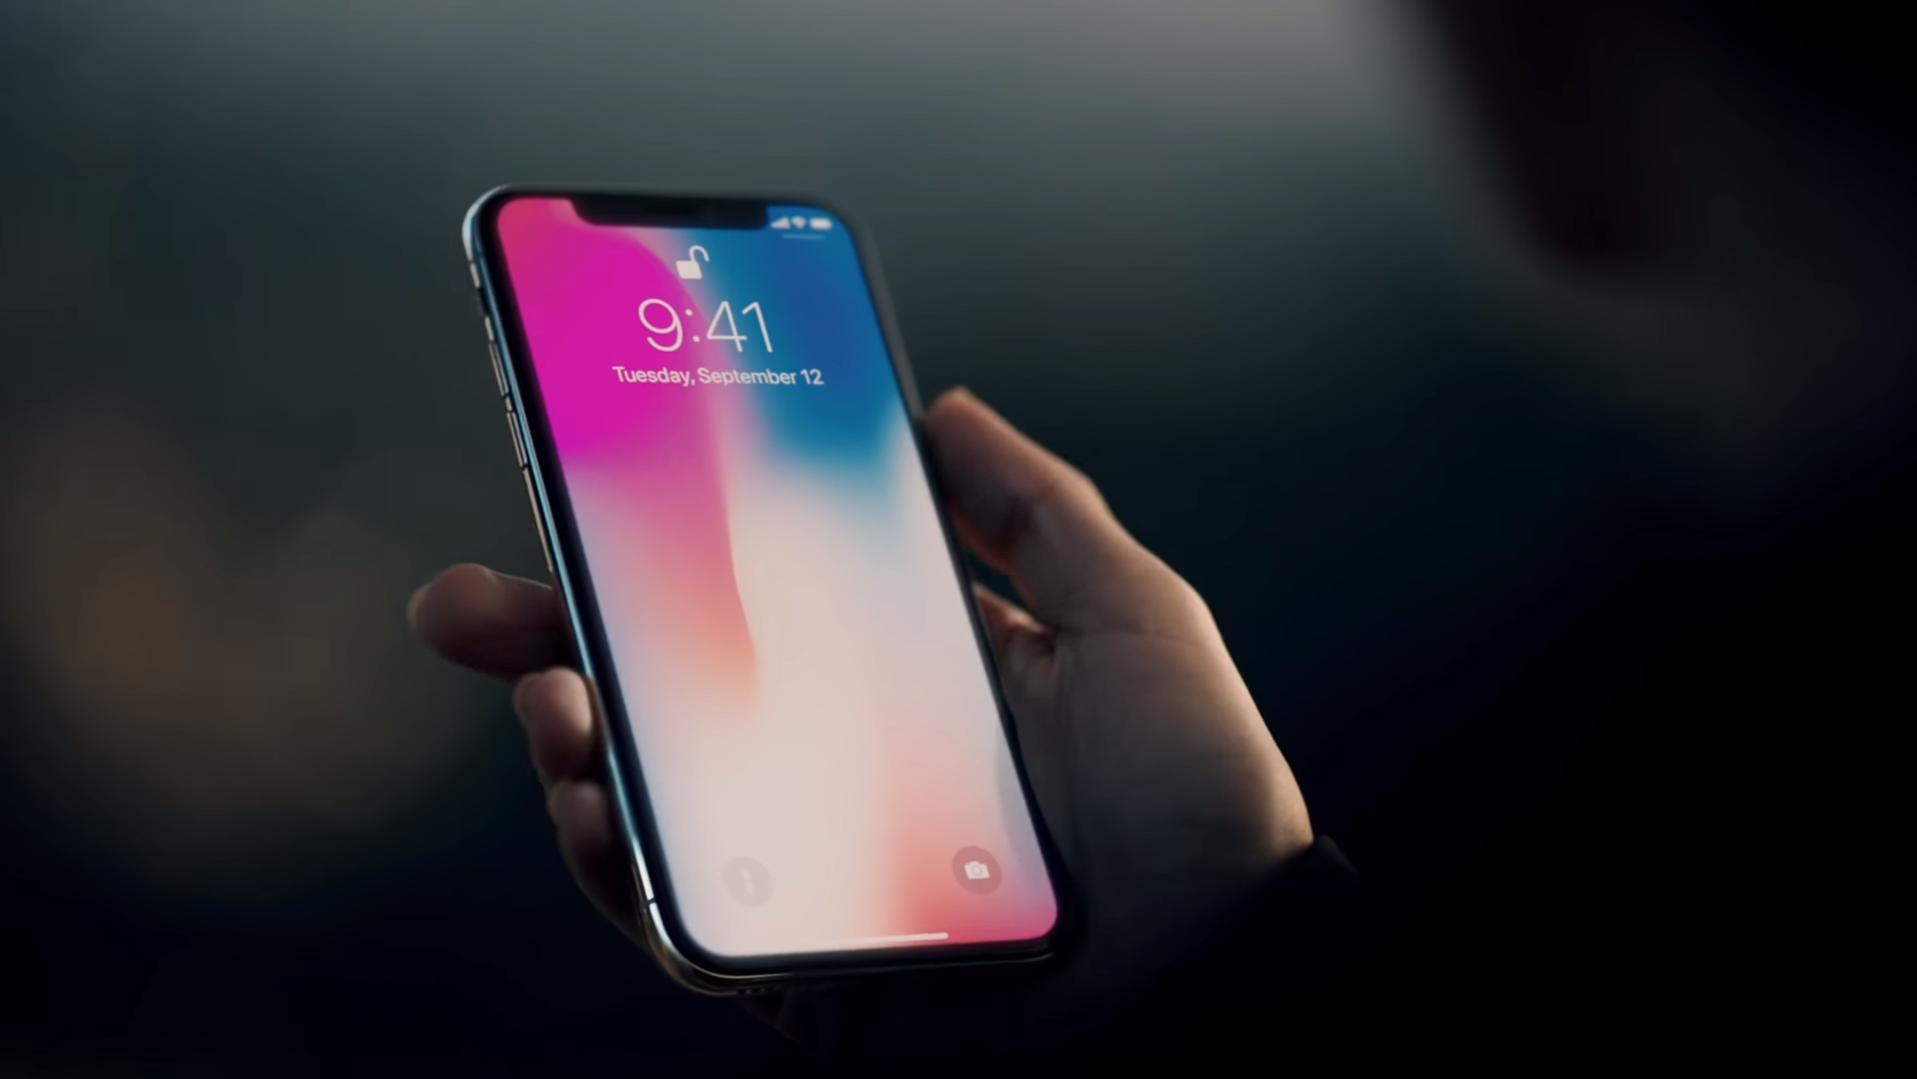 Роскачество провело экспертизу iPhone X